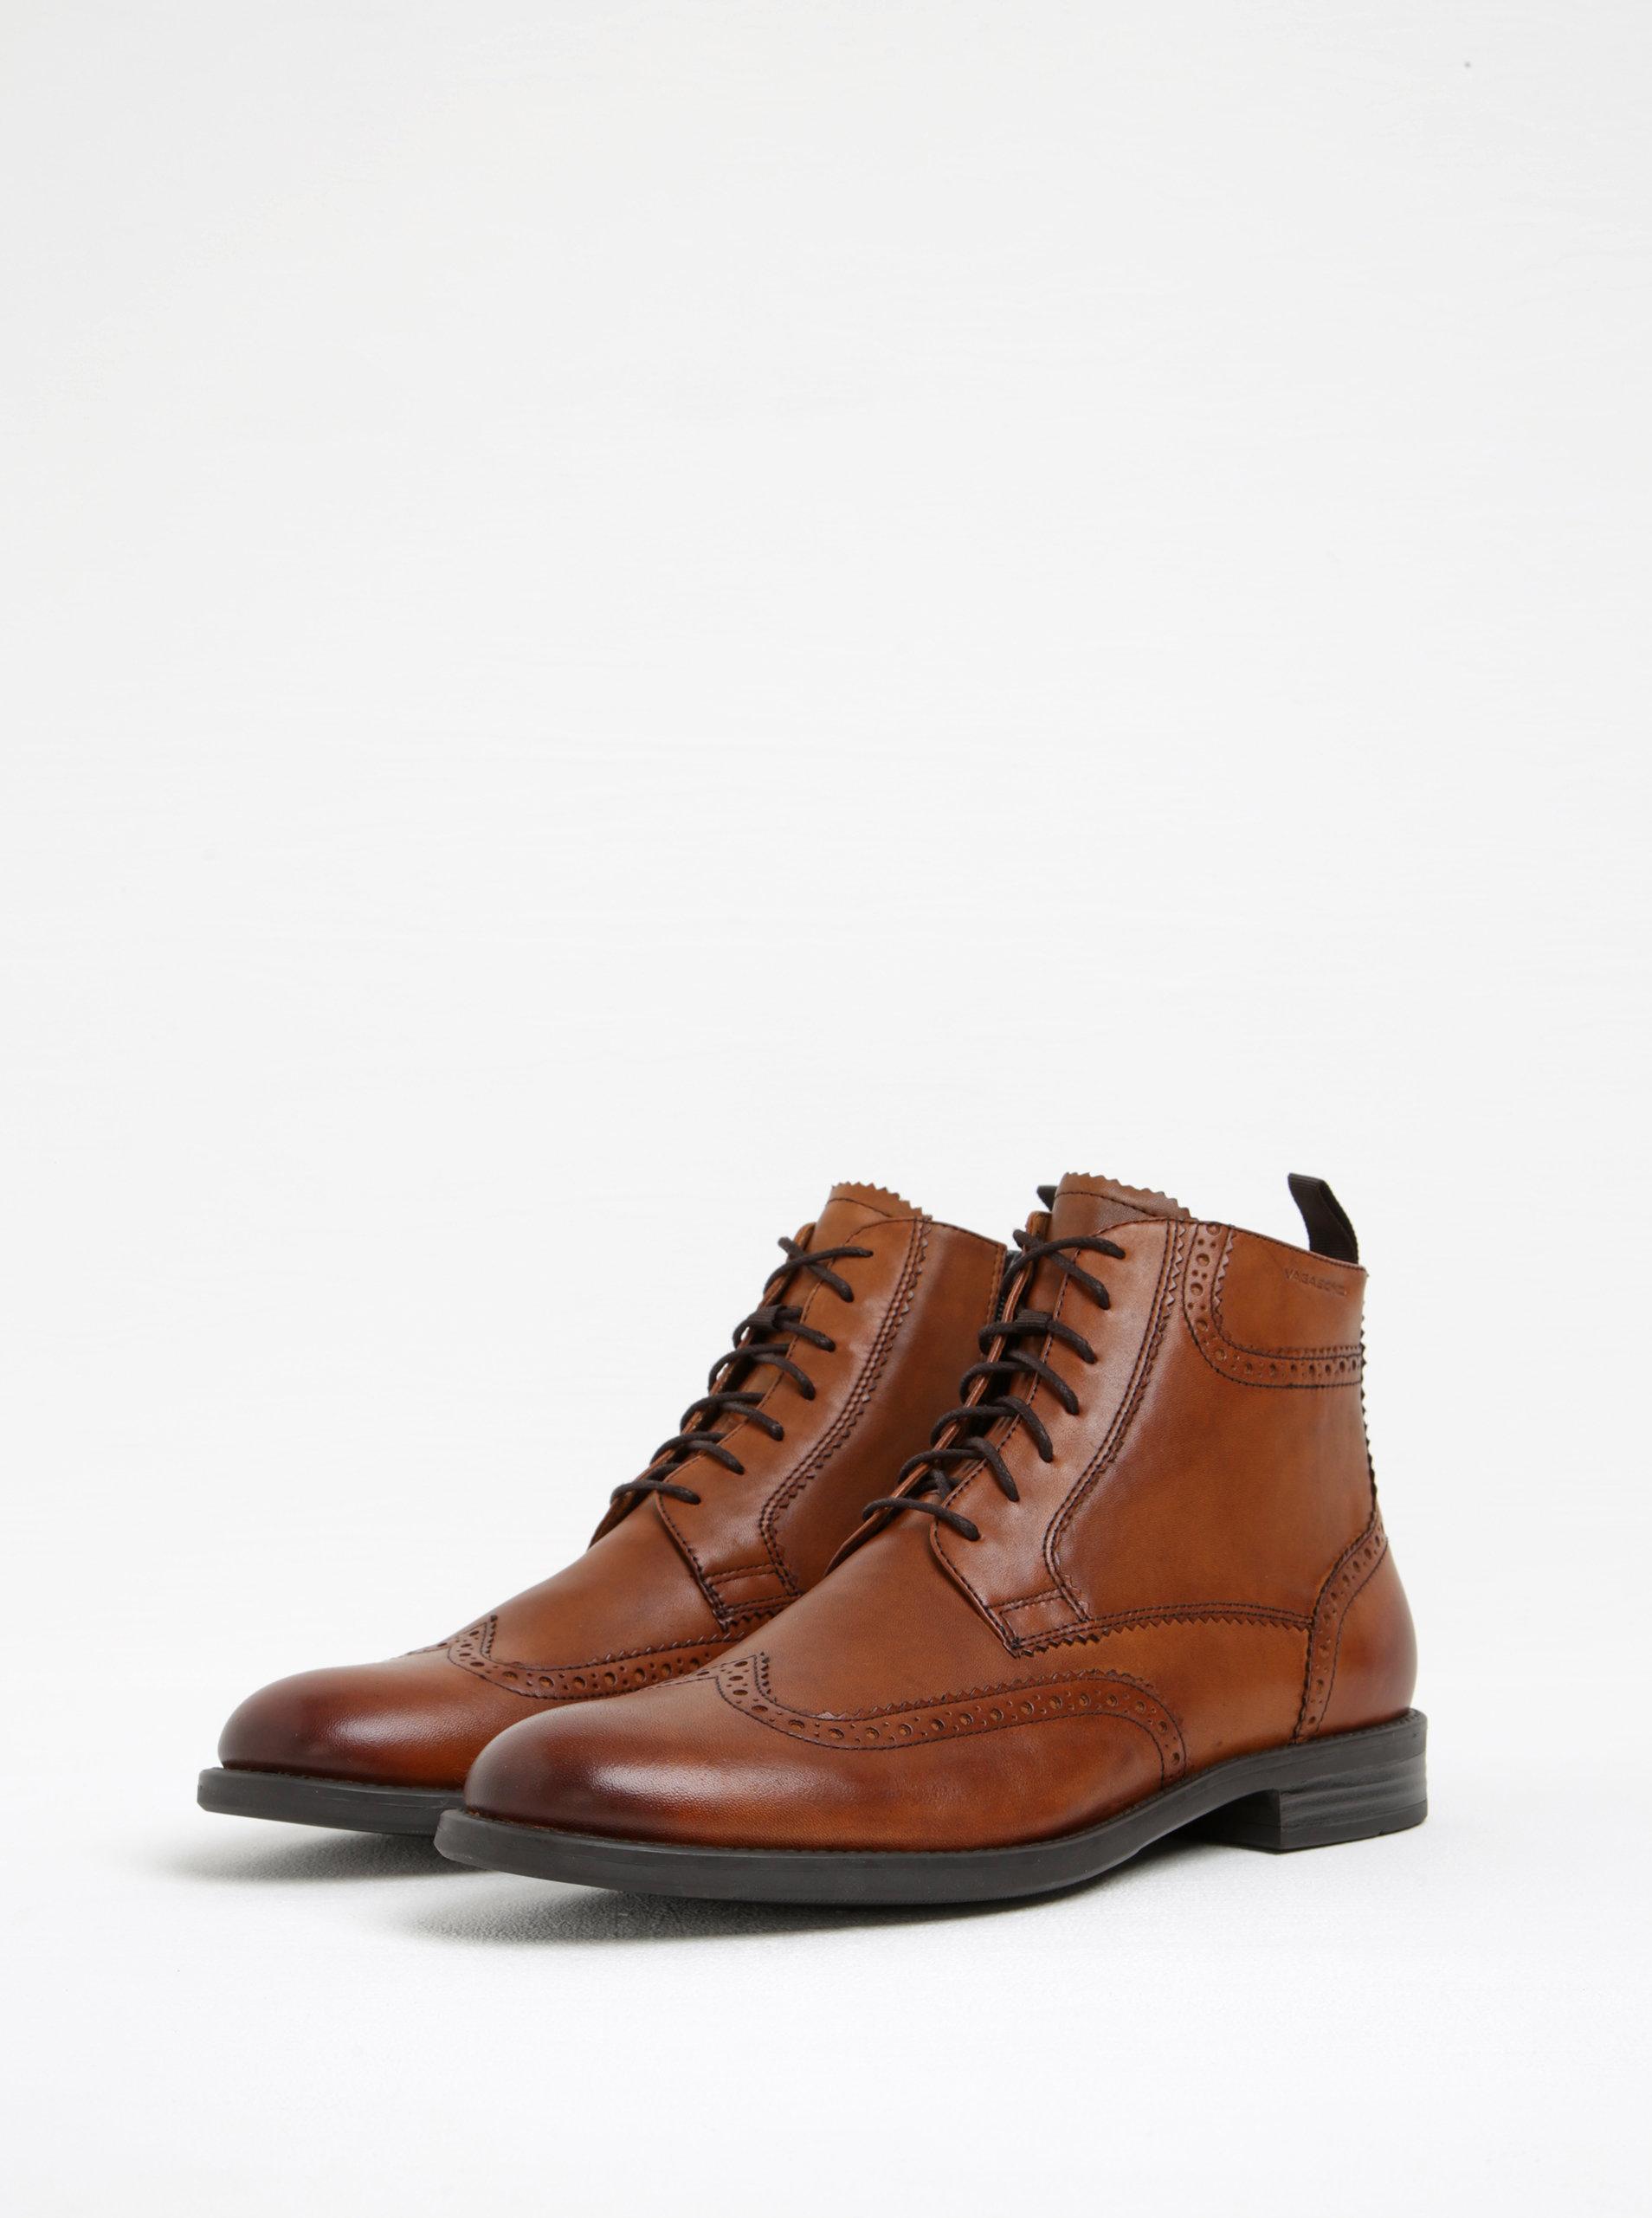 dcf02ae9179e0 Hnědé pánské kožené kotníkové boty s brogue detaily Vagabond Salvatore ...